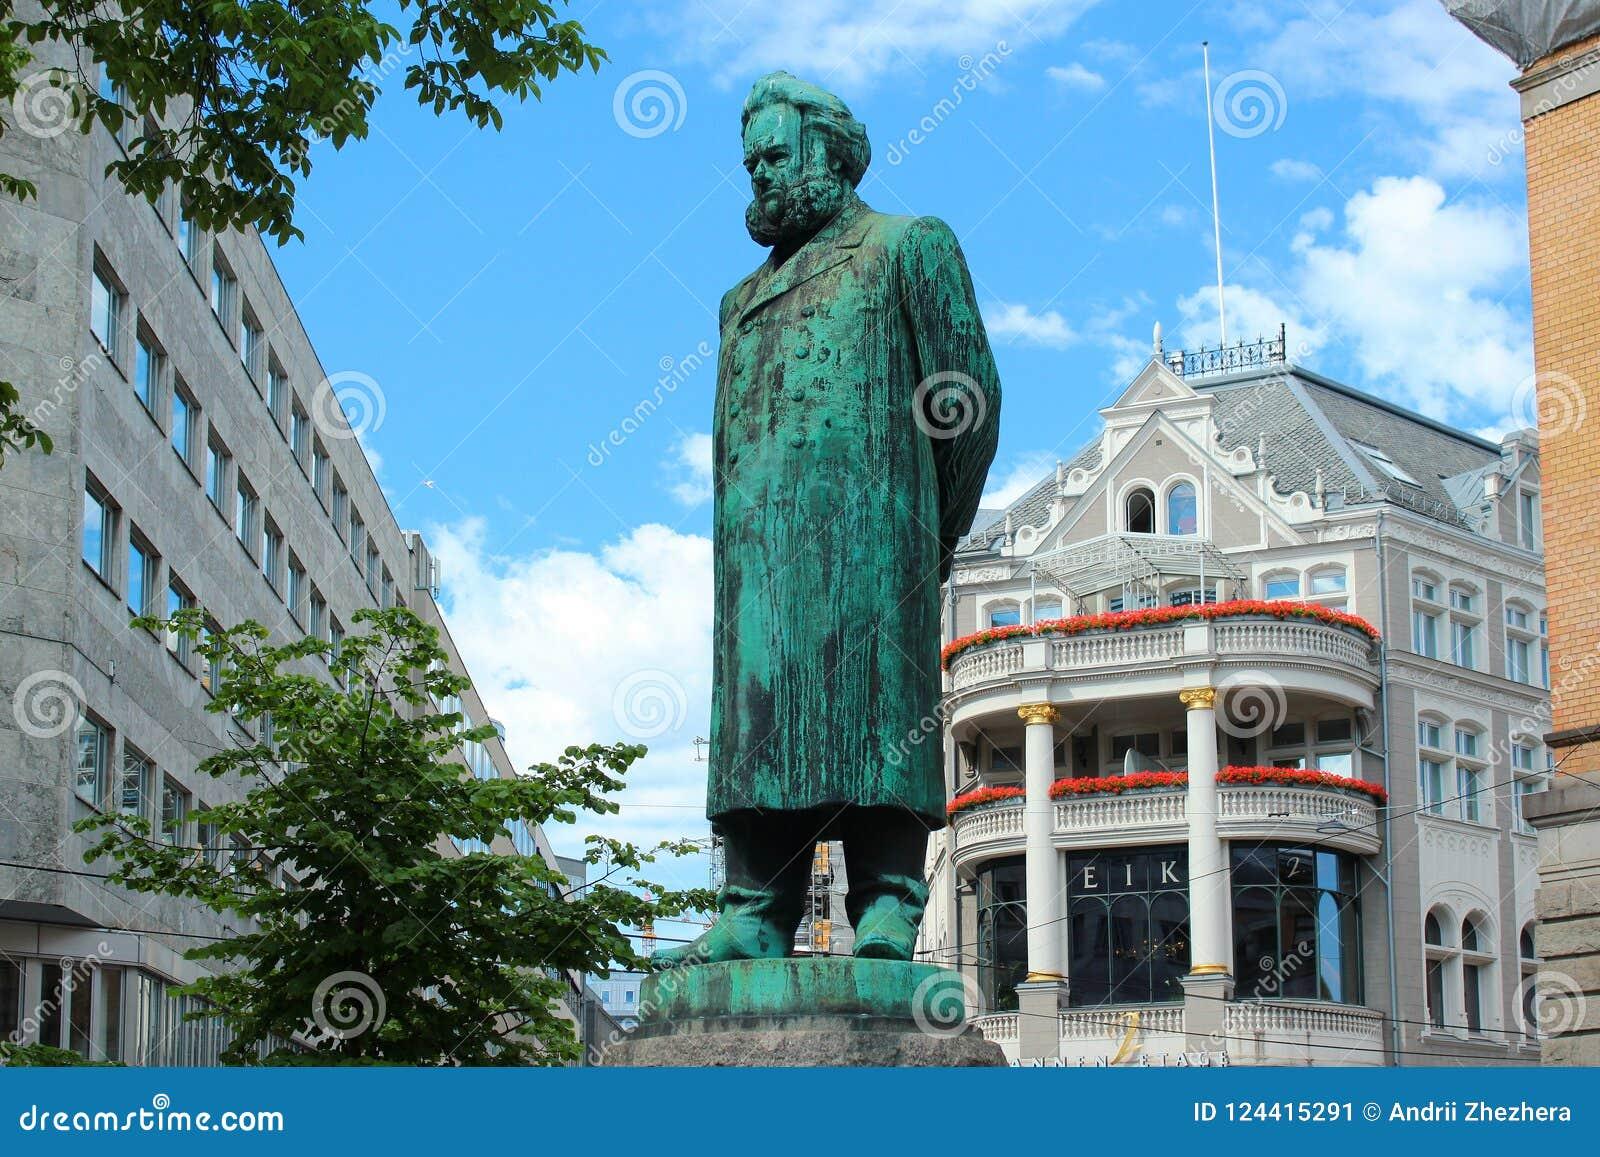 Standbeeld van Henrik Ibsen in Oslo, Noorwegen